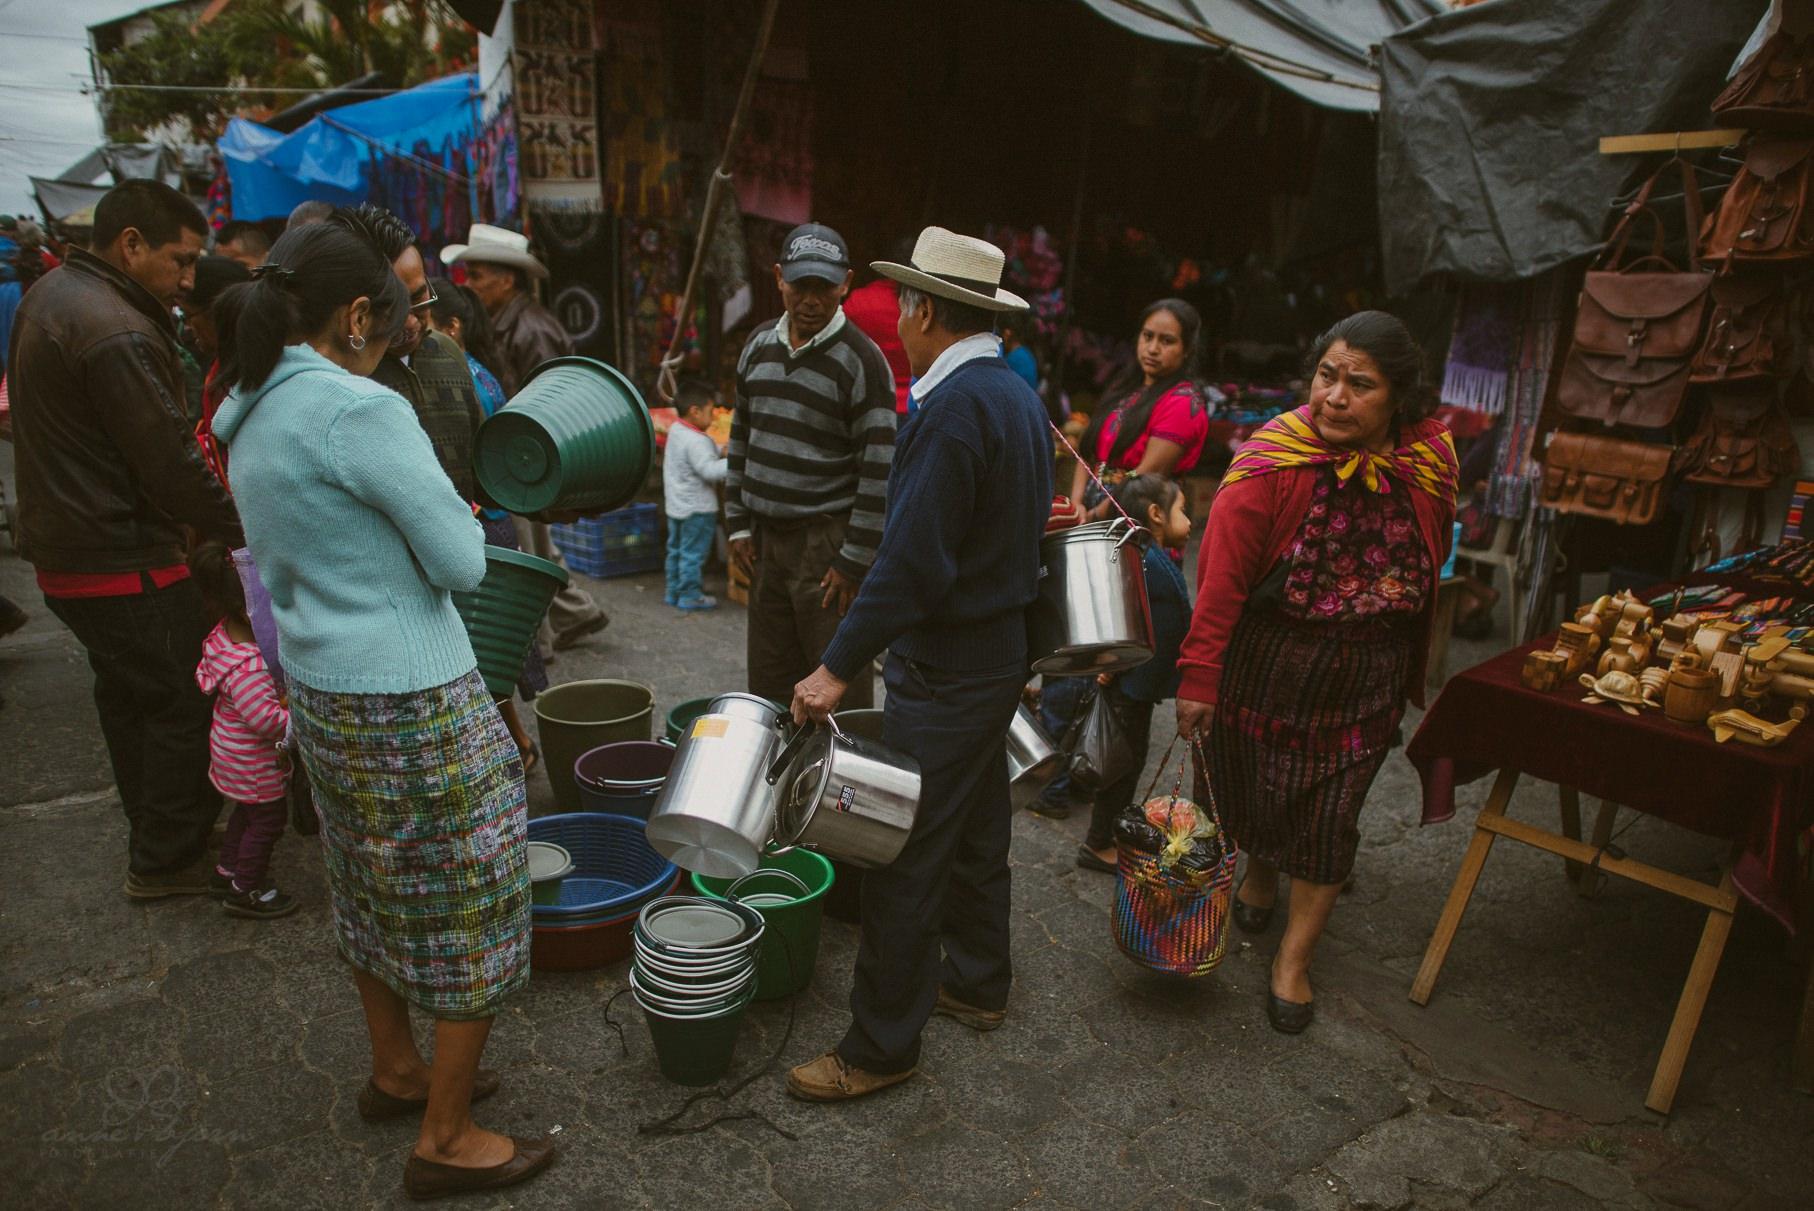 0122 anne und bjoern guatemala d75 2543 - 4 Wochen durch Guatemala - backpacking durch Mittelamerika